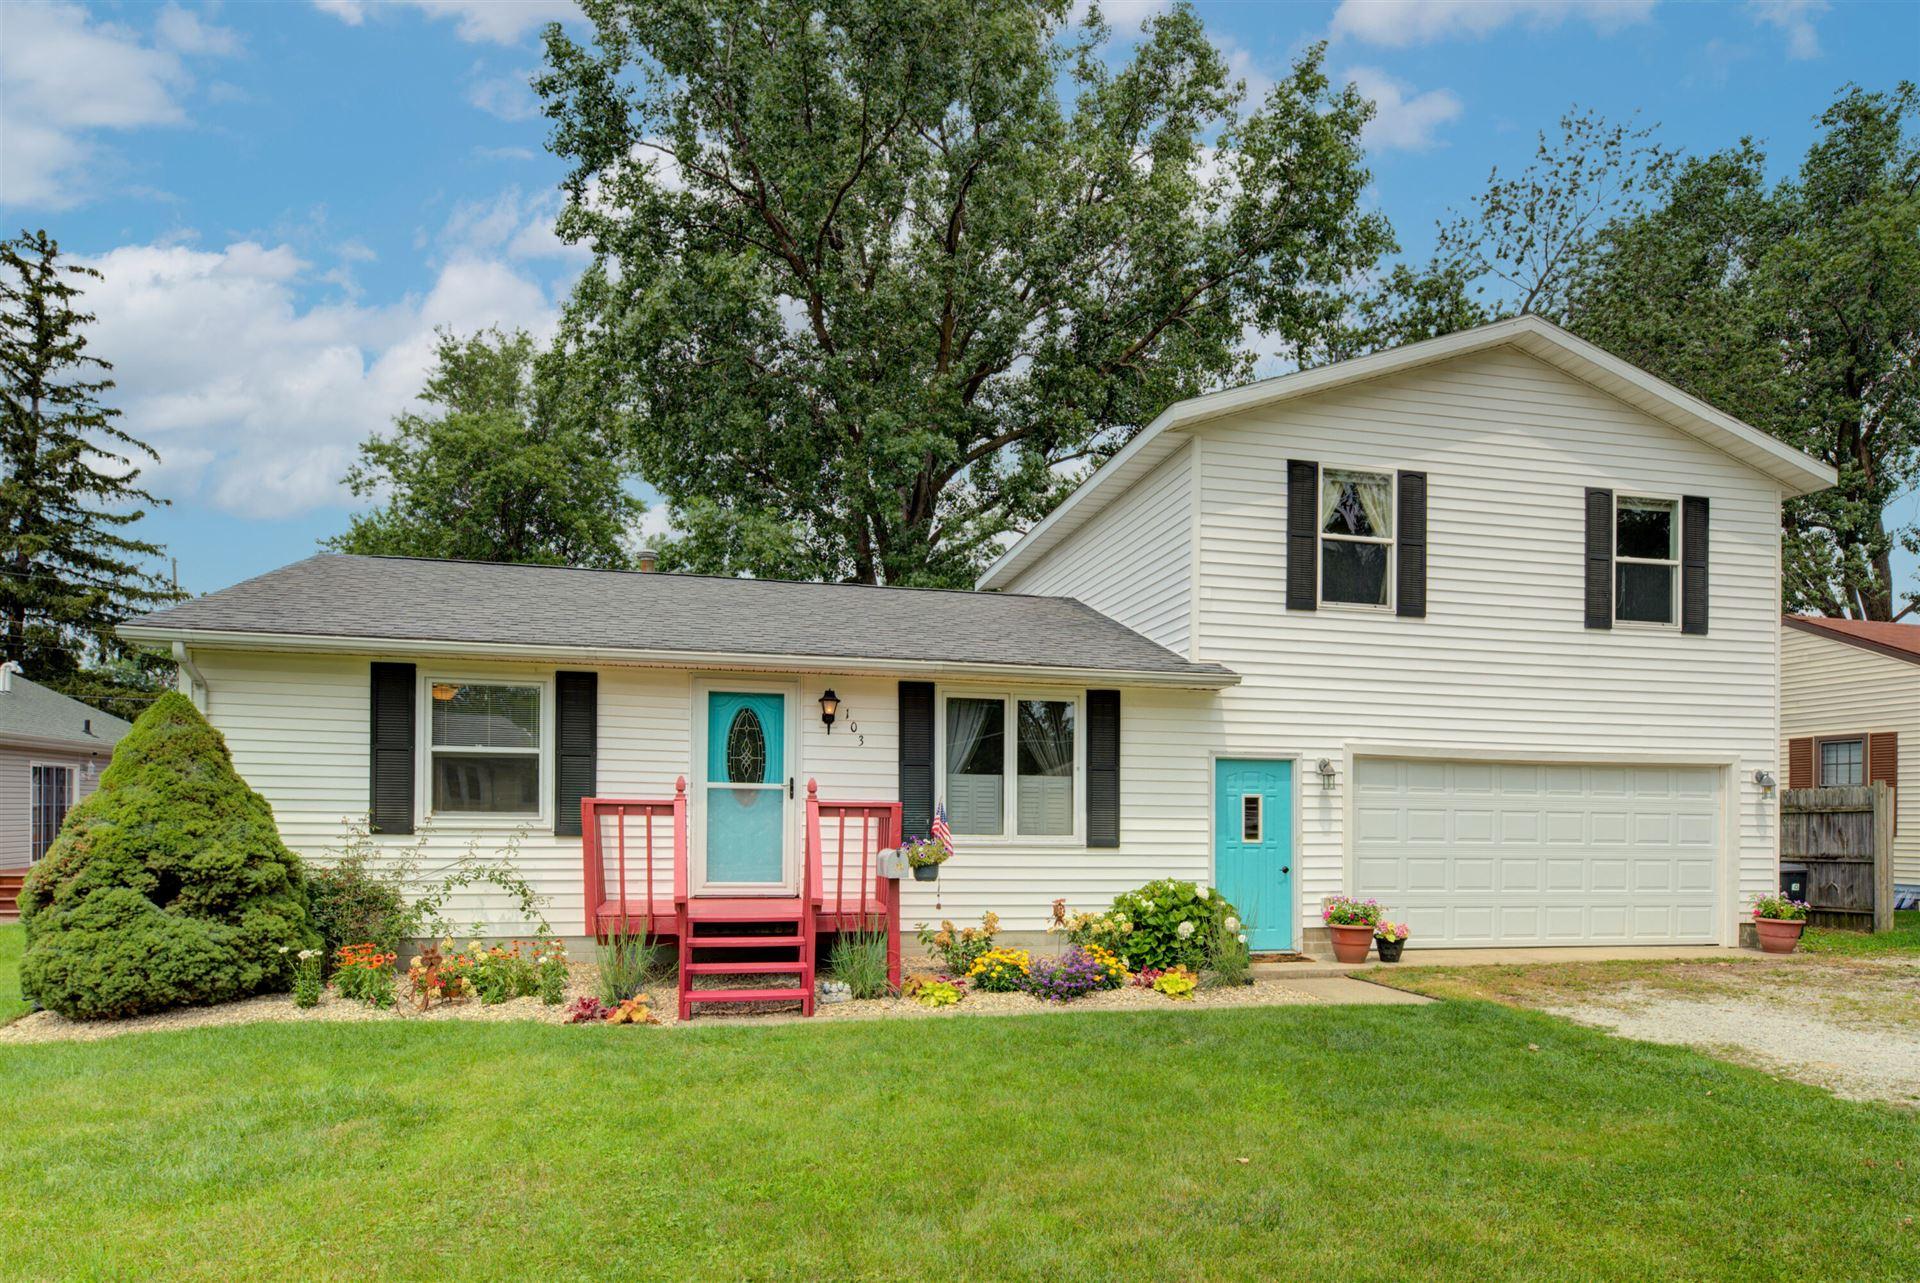 103 Butternut Street, Three Oaks, MI 49128 - MLS#: 21097494